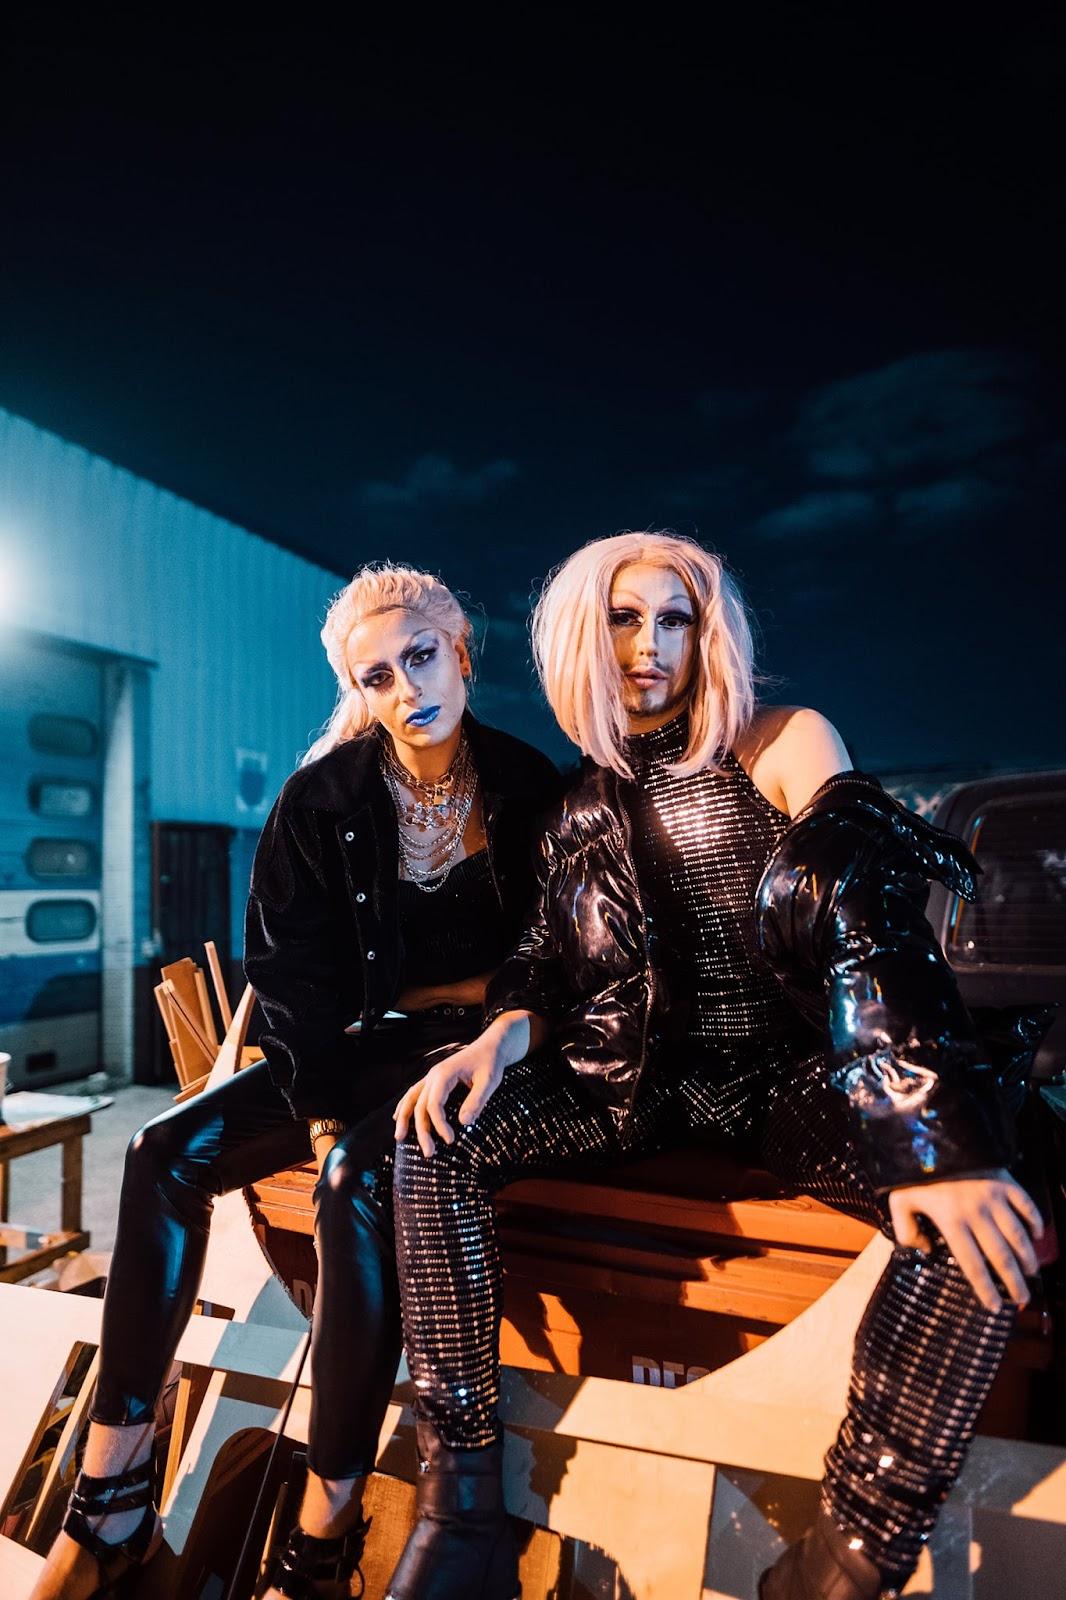 Unorthodox: LGBTQ+ D&B